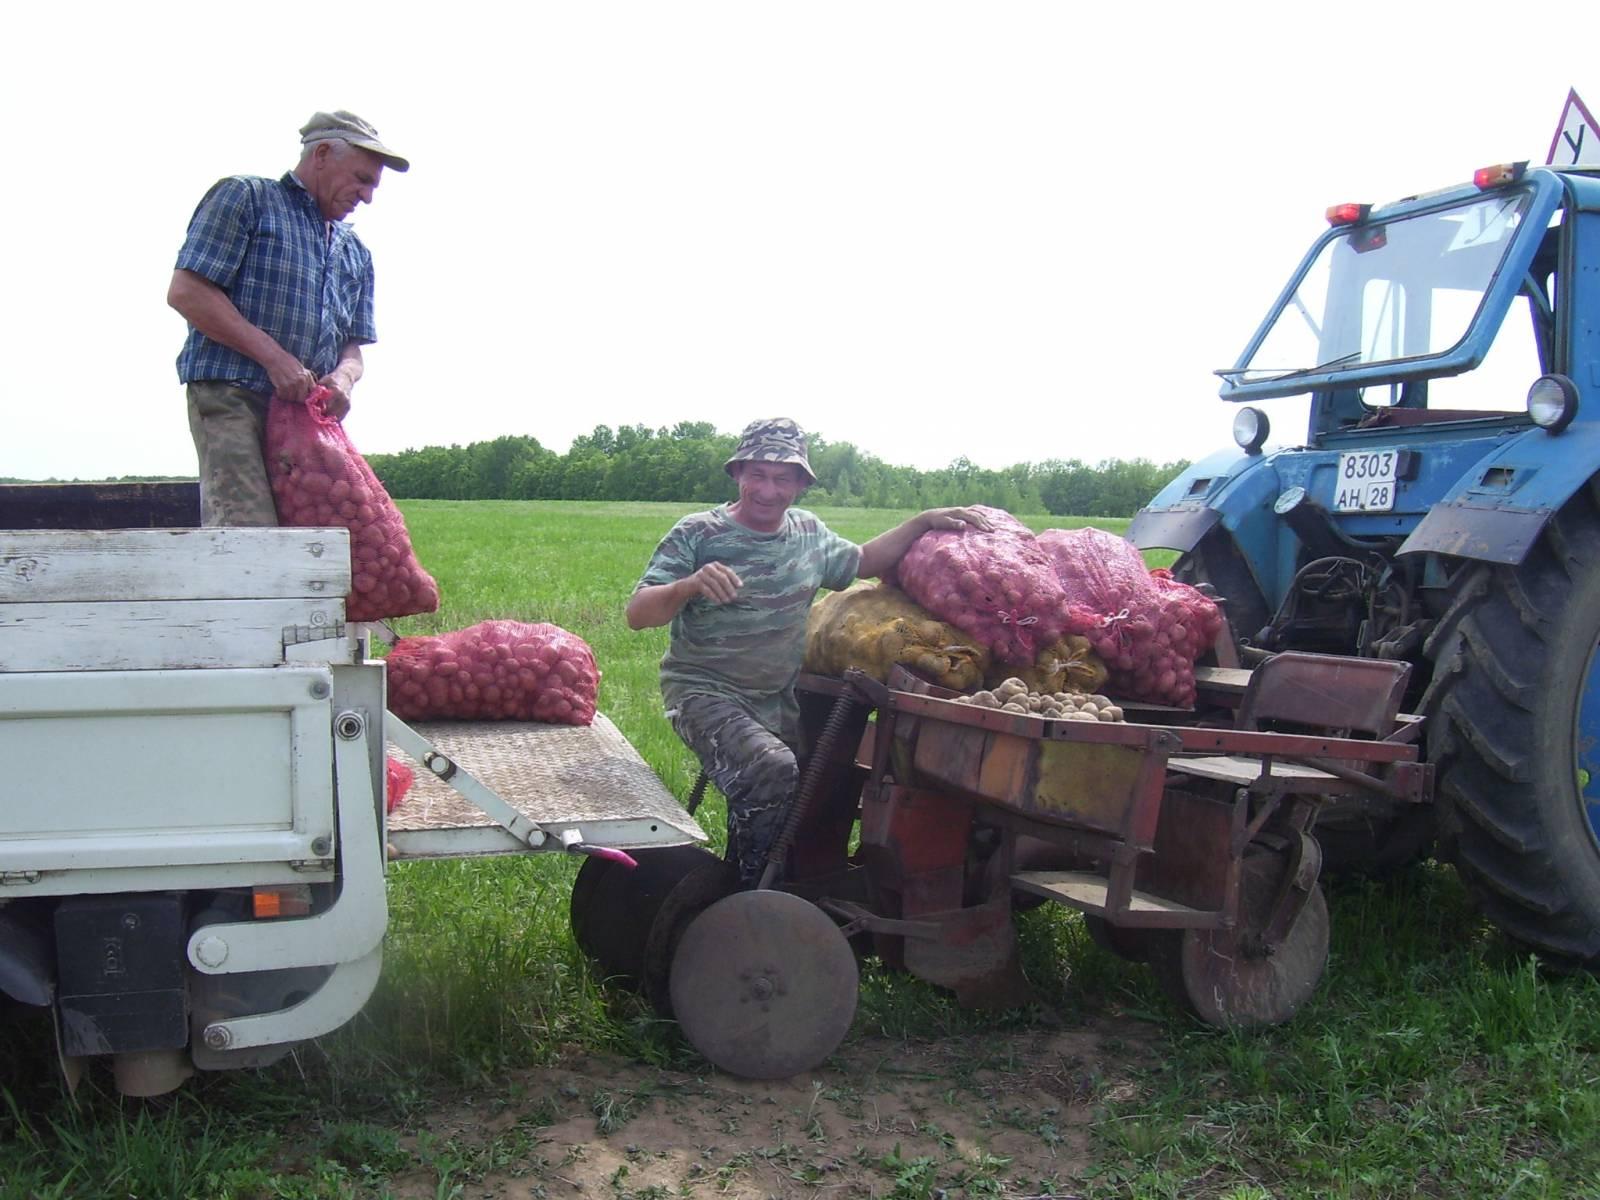 Особенности посадки картофеля под плуг вручную и мотоблоком 99